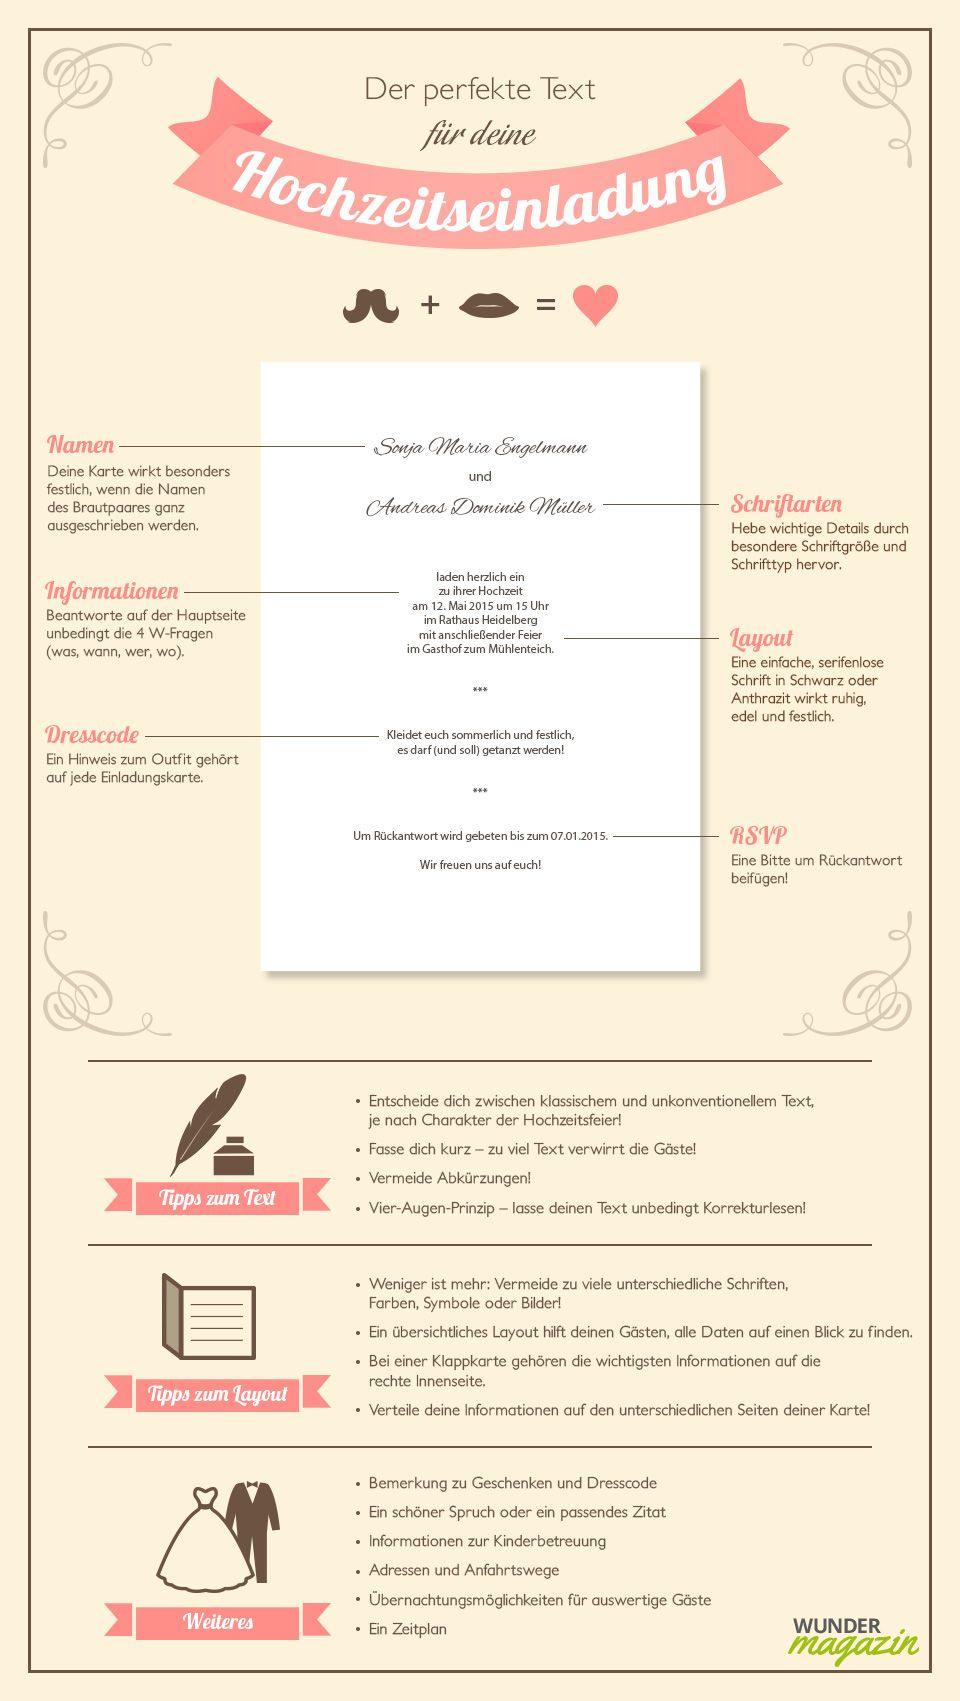 Infografik Zu Hochzeitseinladung Text | Hochzeit